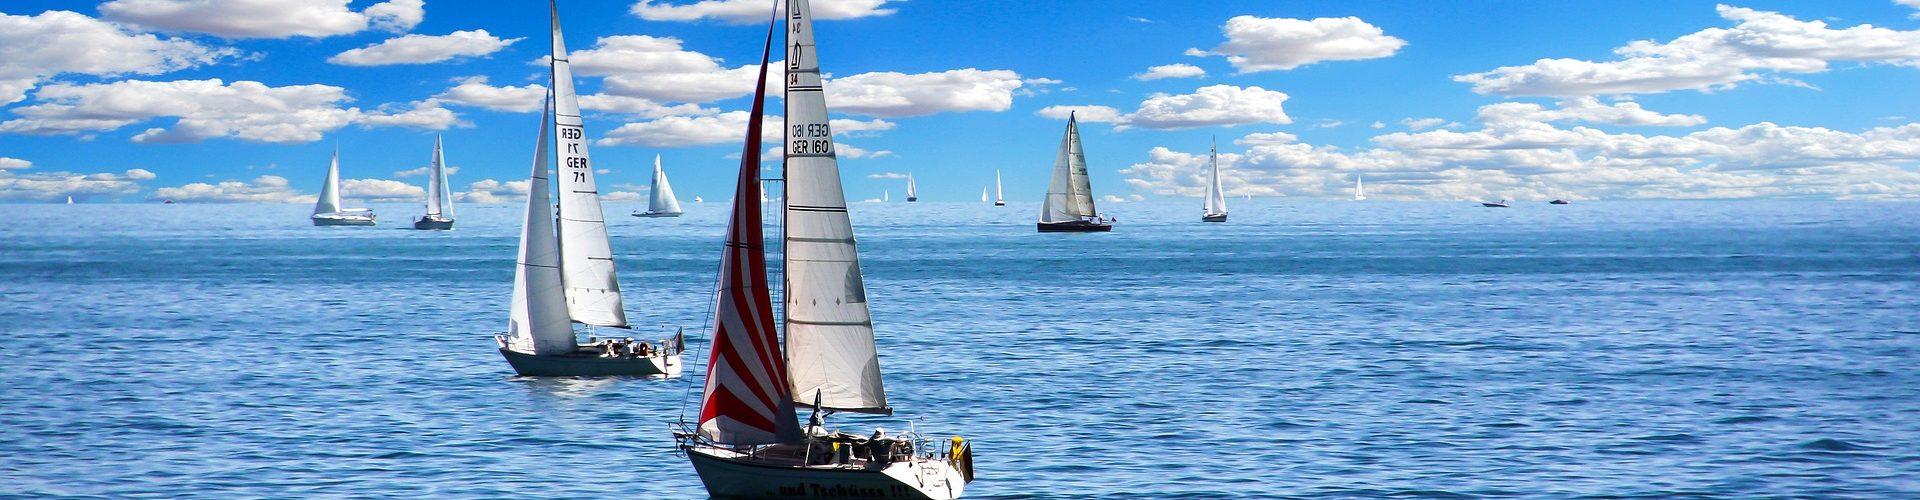 segeln lernen in Waltrop segelschein machen in Waltrop 1920x500 - Segeln lernen in Waltrop